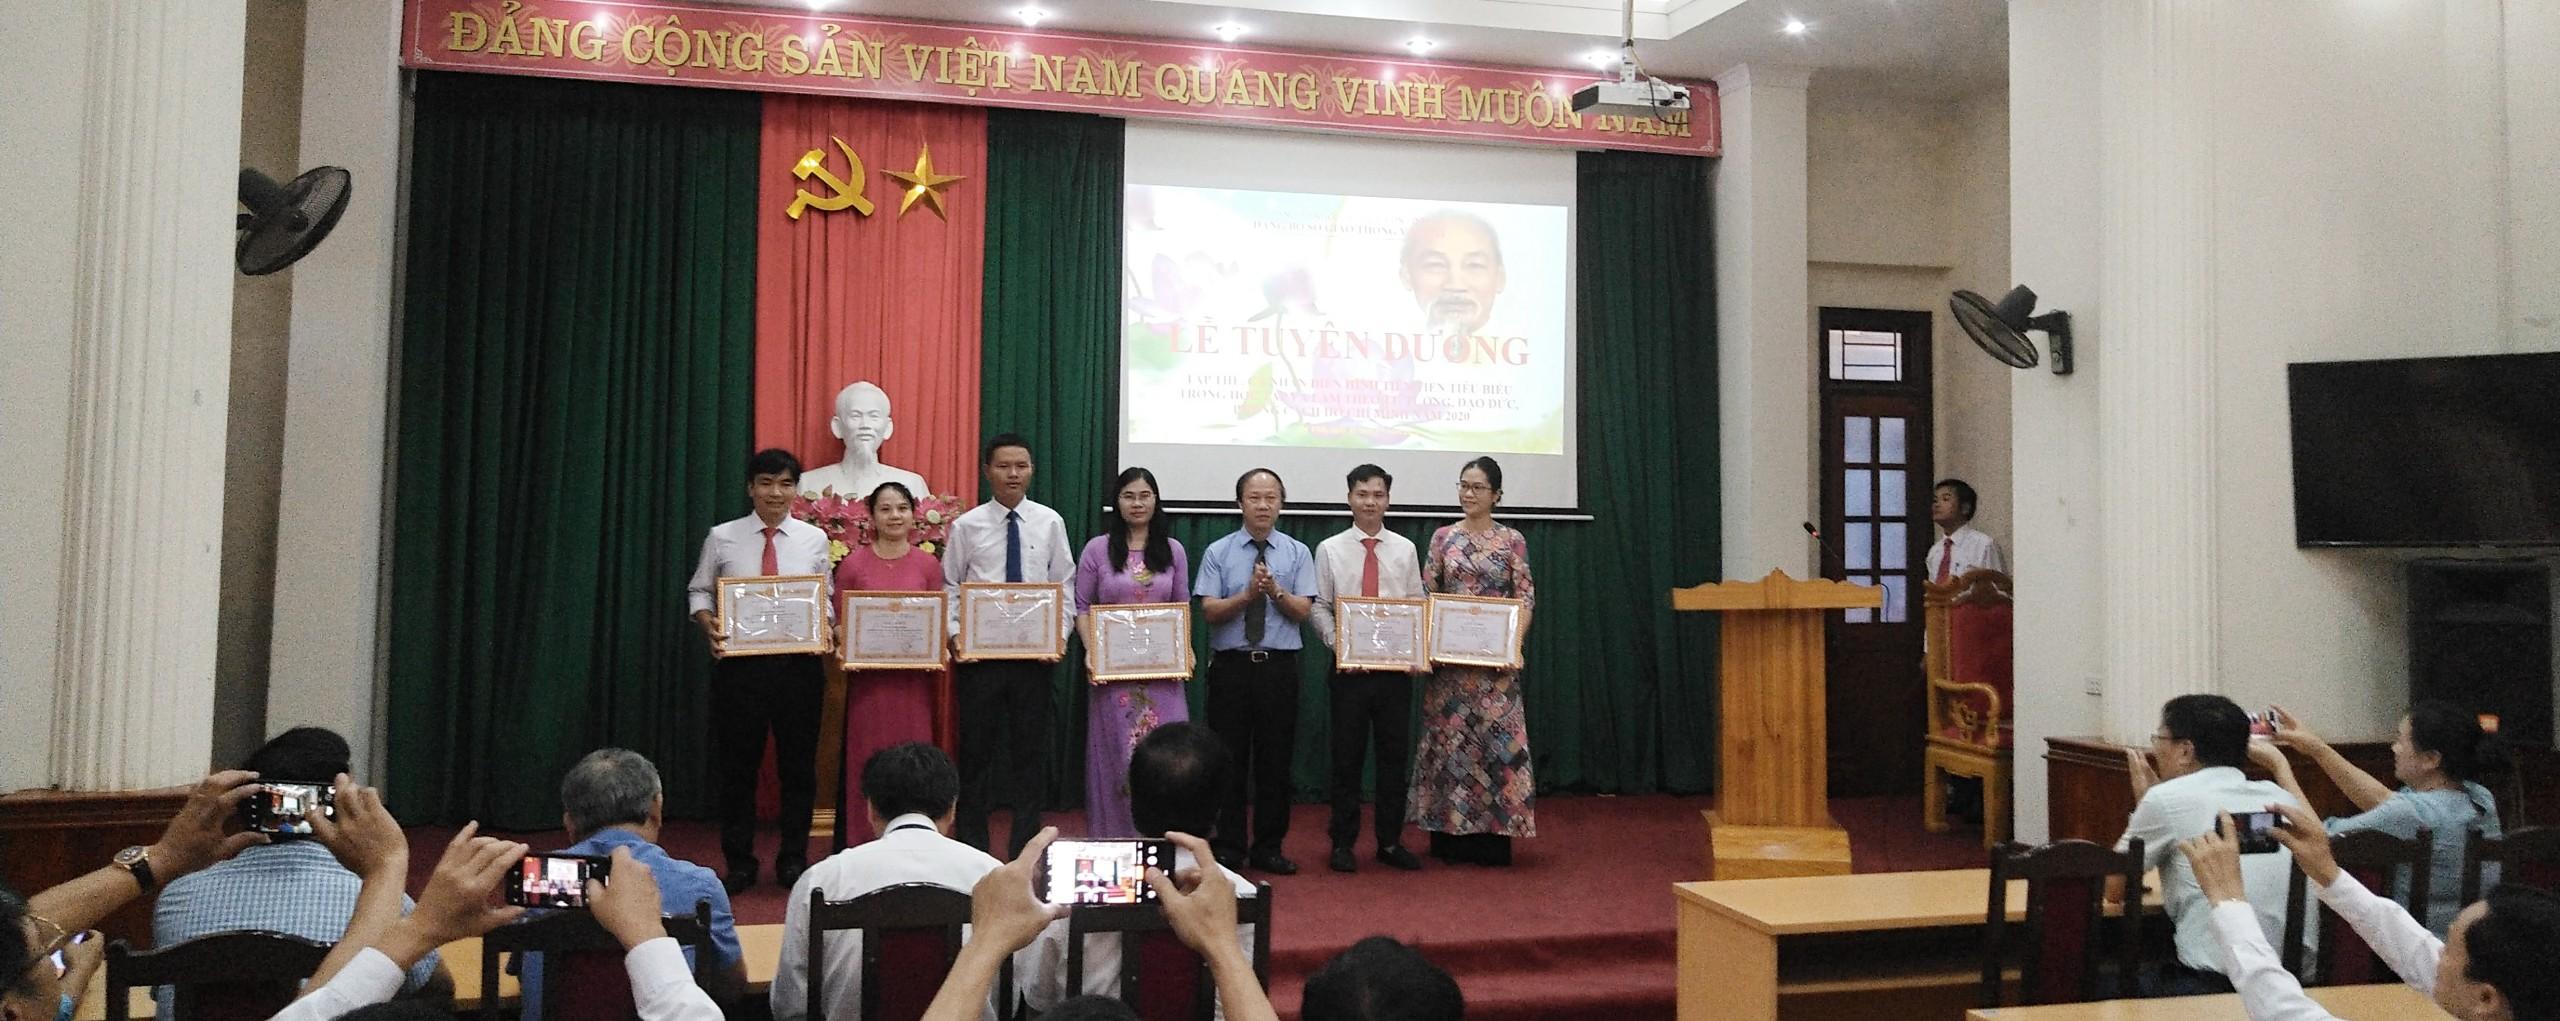 Đảng ủy Sở Giao thông vận tải vinh danh tập thể, cá nhân điển hình tiêu biểu trong học tập và làm theo tư tưởng, đạo đức, phong cách Hồ Chí Minh năm 2020